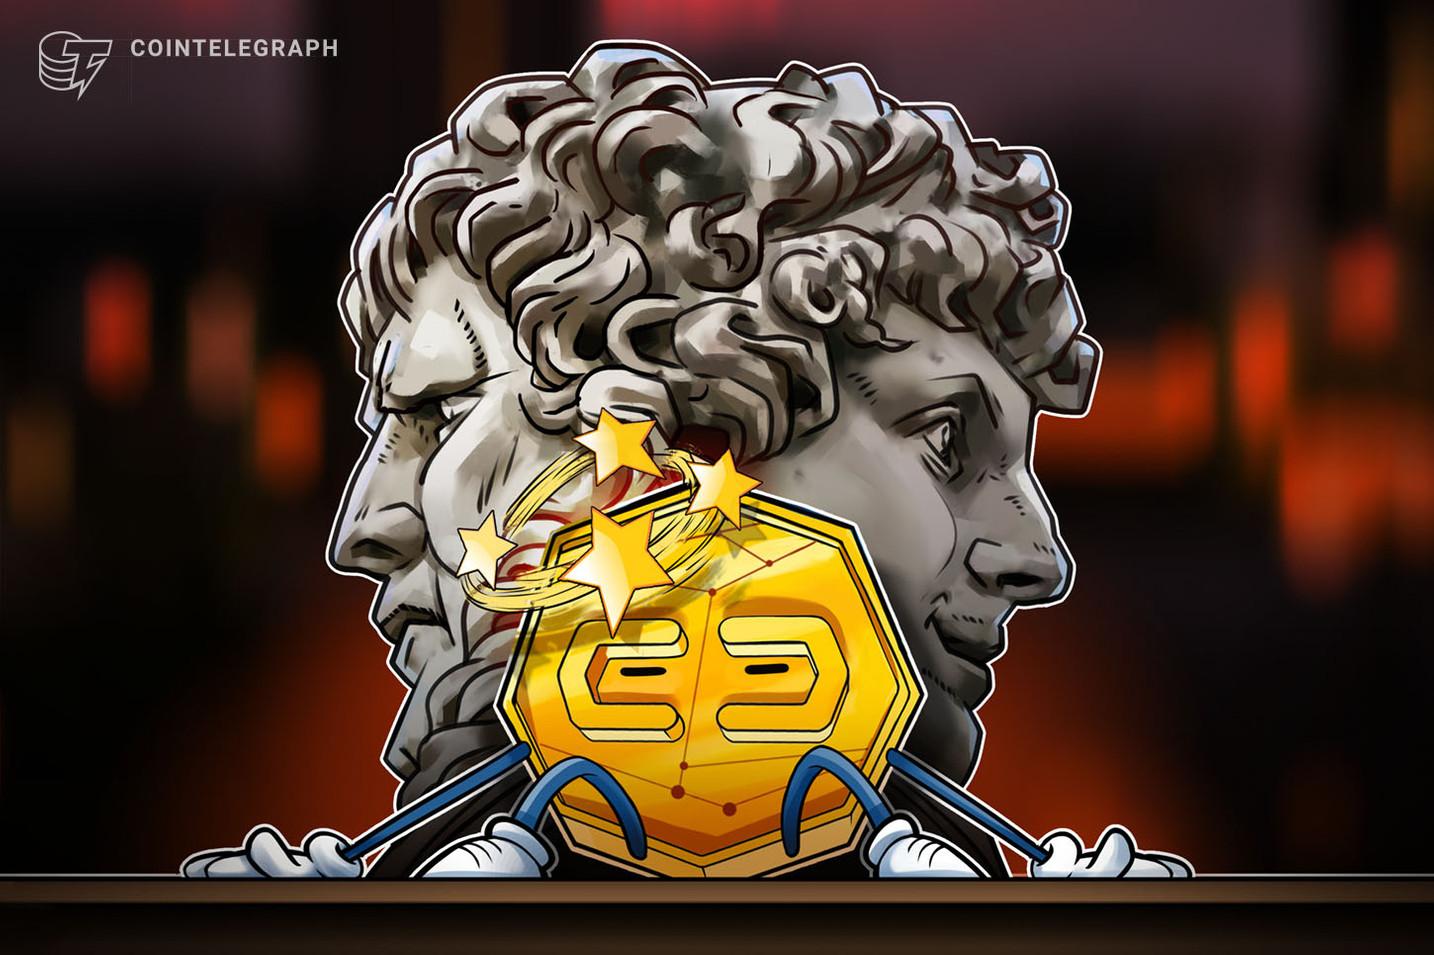 Correlação do Bitcoin com celebridades precisa terminar, adverte provedor de pagamento de criptomoedas